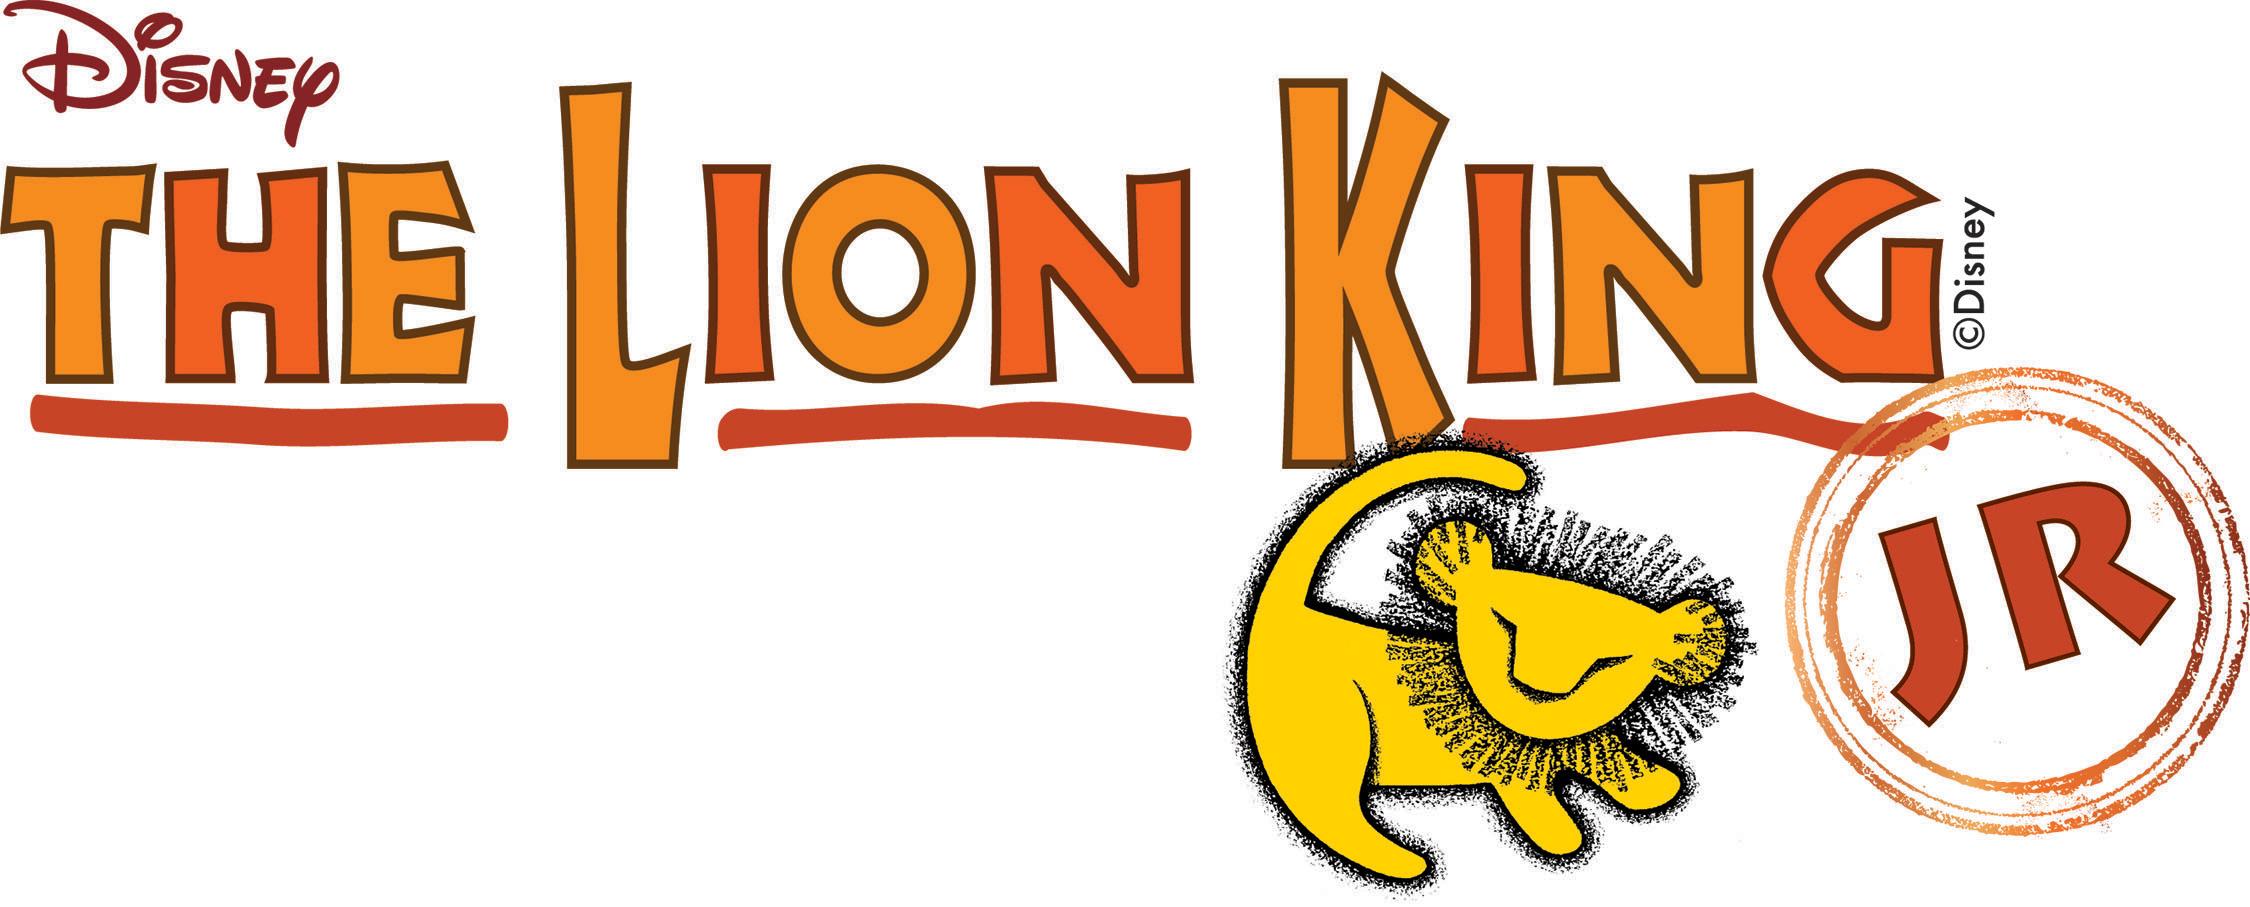 2250x907 The Lion King Jr. The Metropolitan Theatre